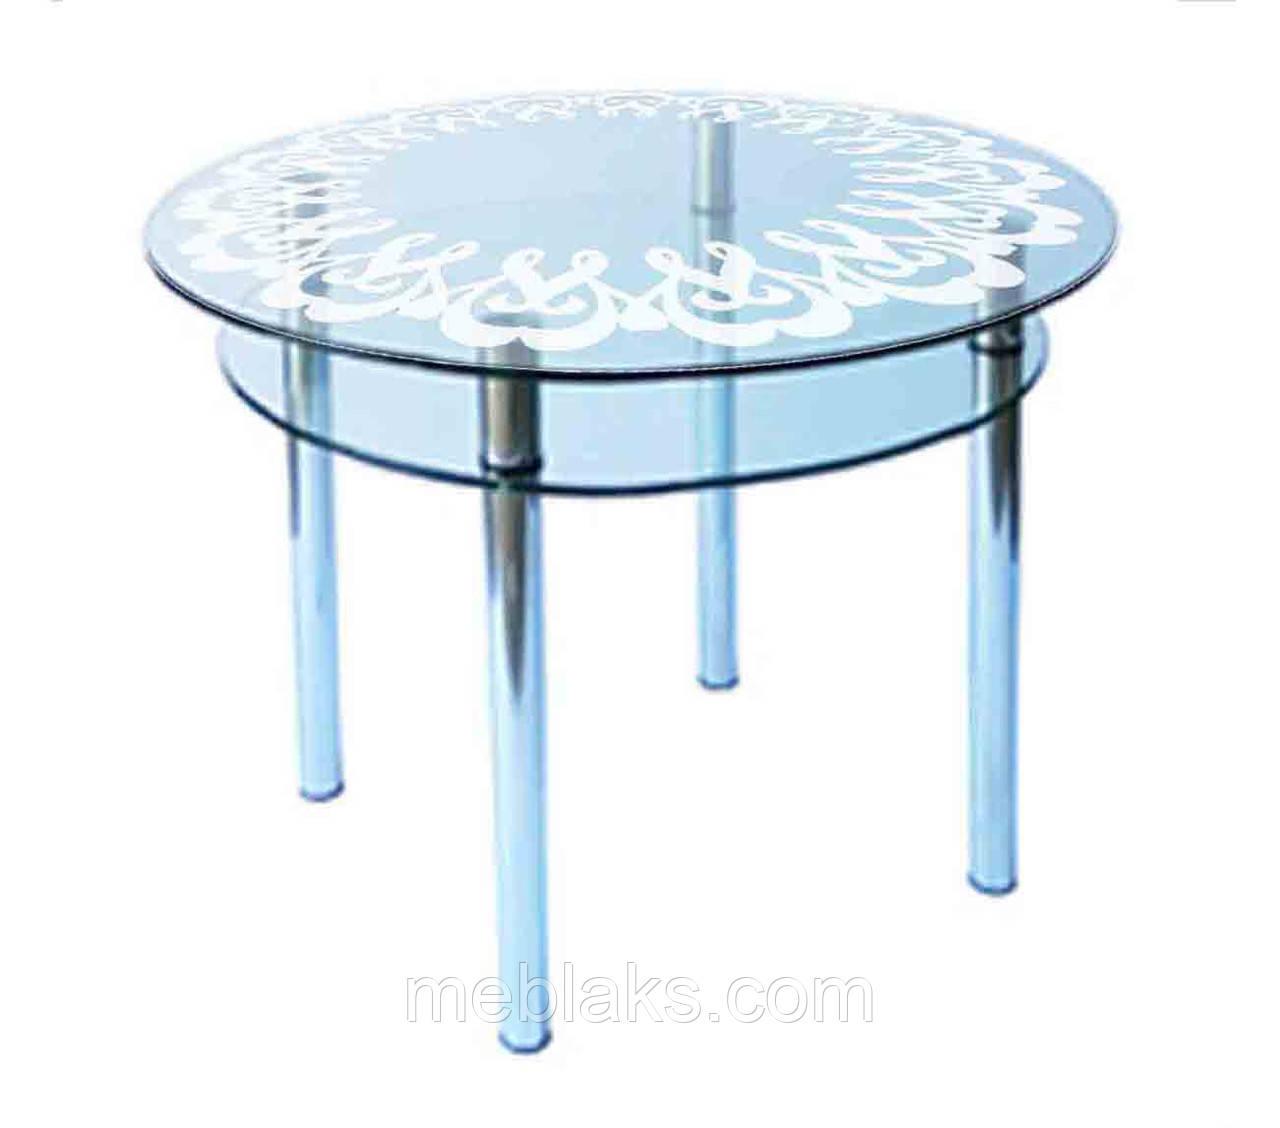 Стол стеклянный КС-3 (покраска)